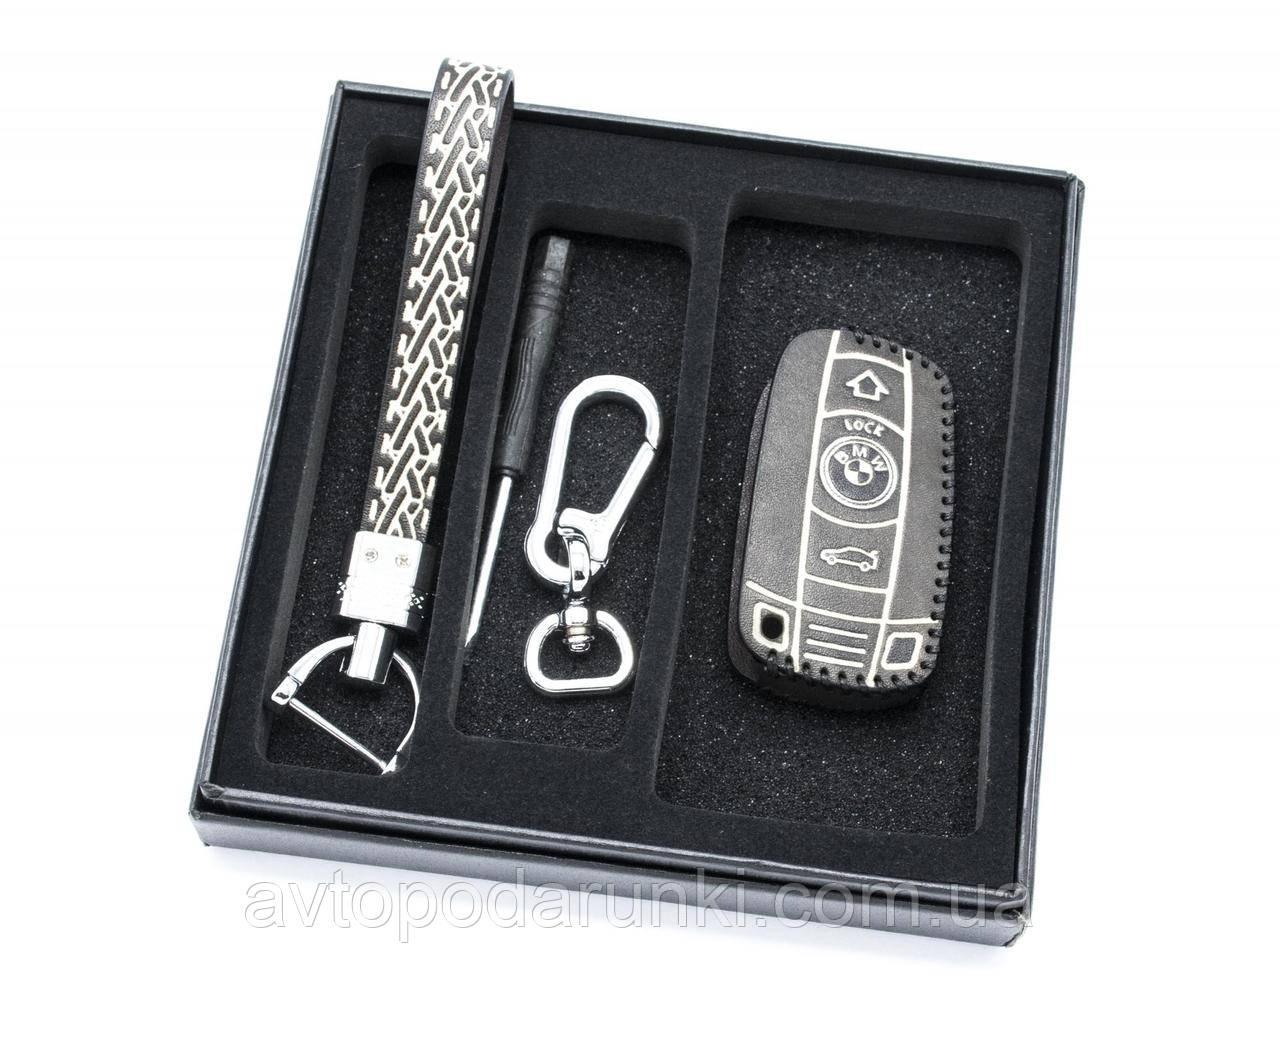 Кожаный чехол (футляр) для ключей BMW на 3  кнопки + карабин + ремешек с карабином + отвертка (подарочный